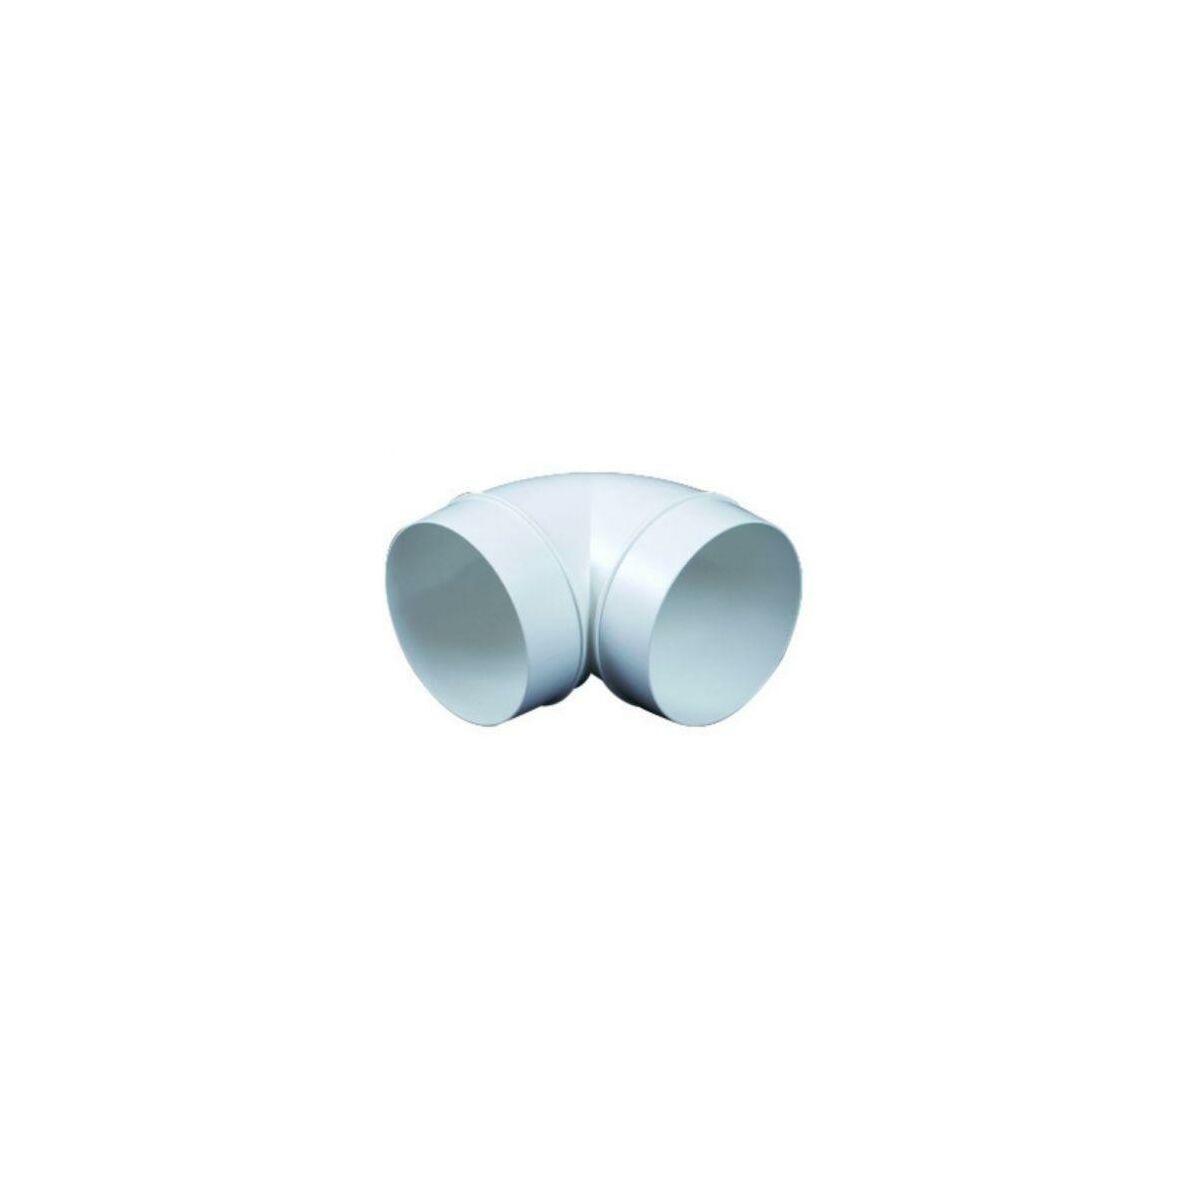 Kolanko Wentylacyjne Okragle 90 150 Mm Equation Kanaly I Rury Wentylacyjne W Atrakcyjnej Cenie W Sklepach Leroy Merlin